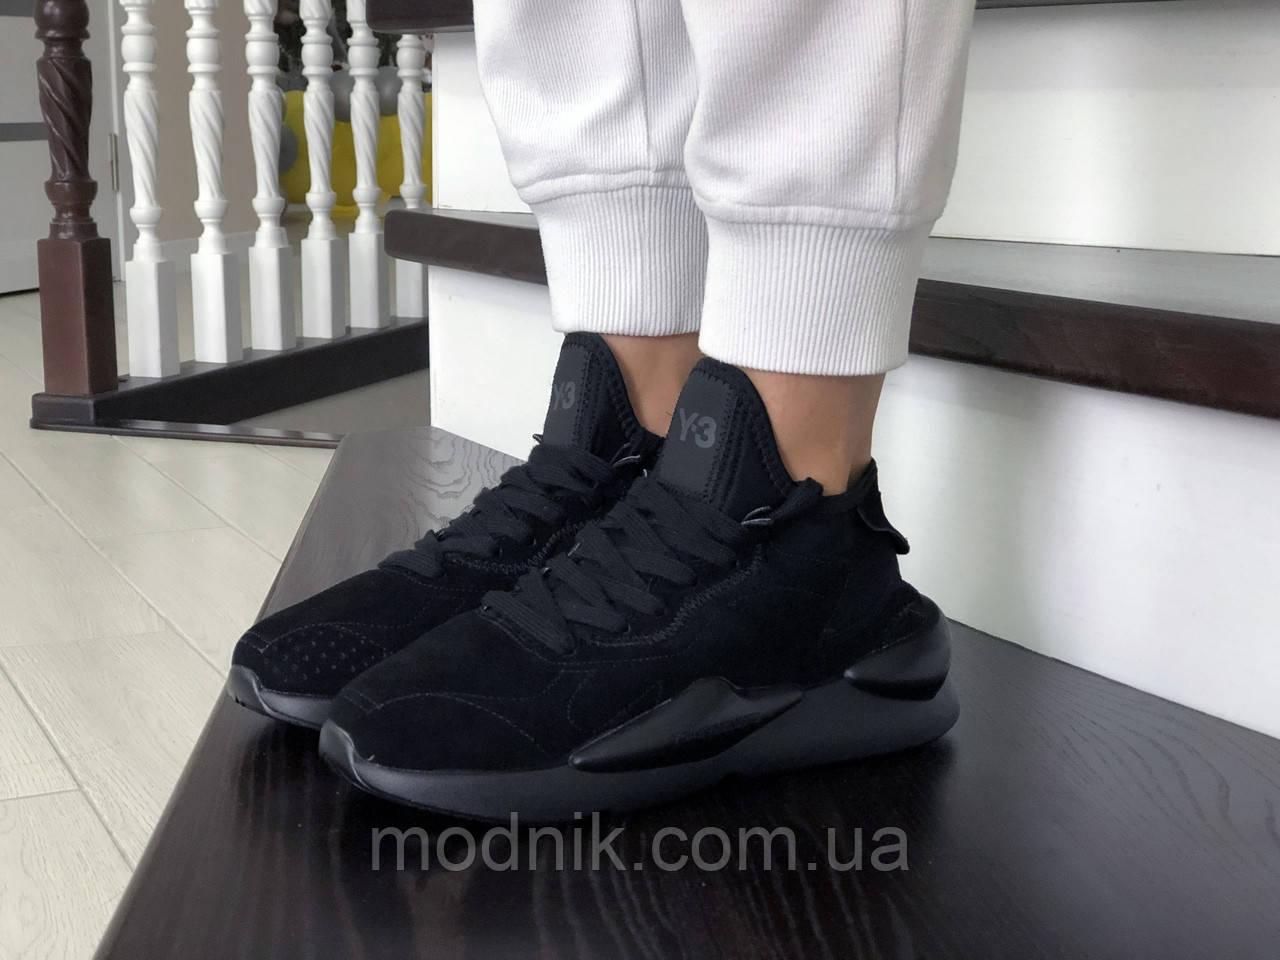 Женские кроссовки Adidas Y-3 Kaiwa (черные)